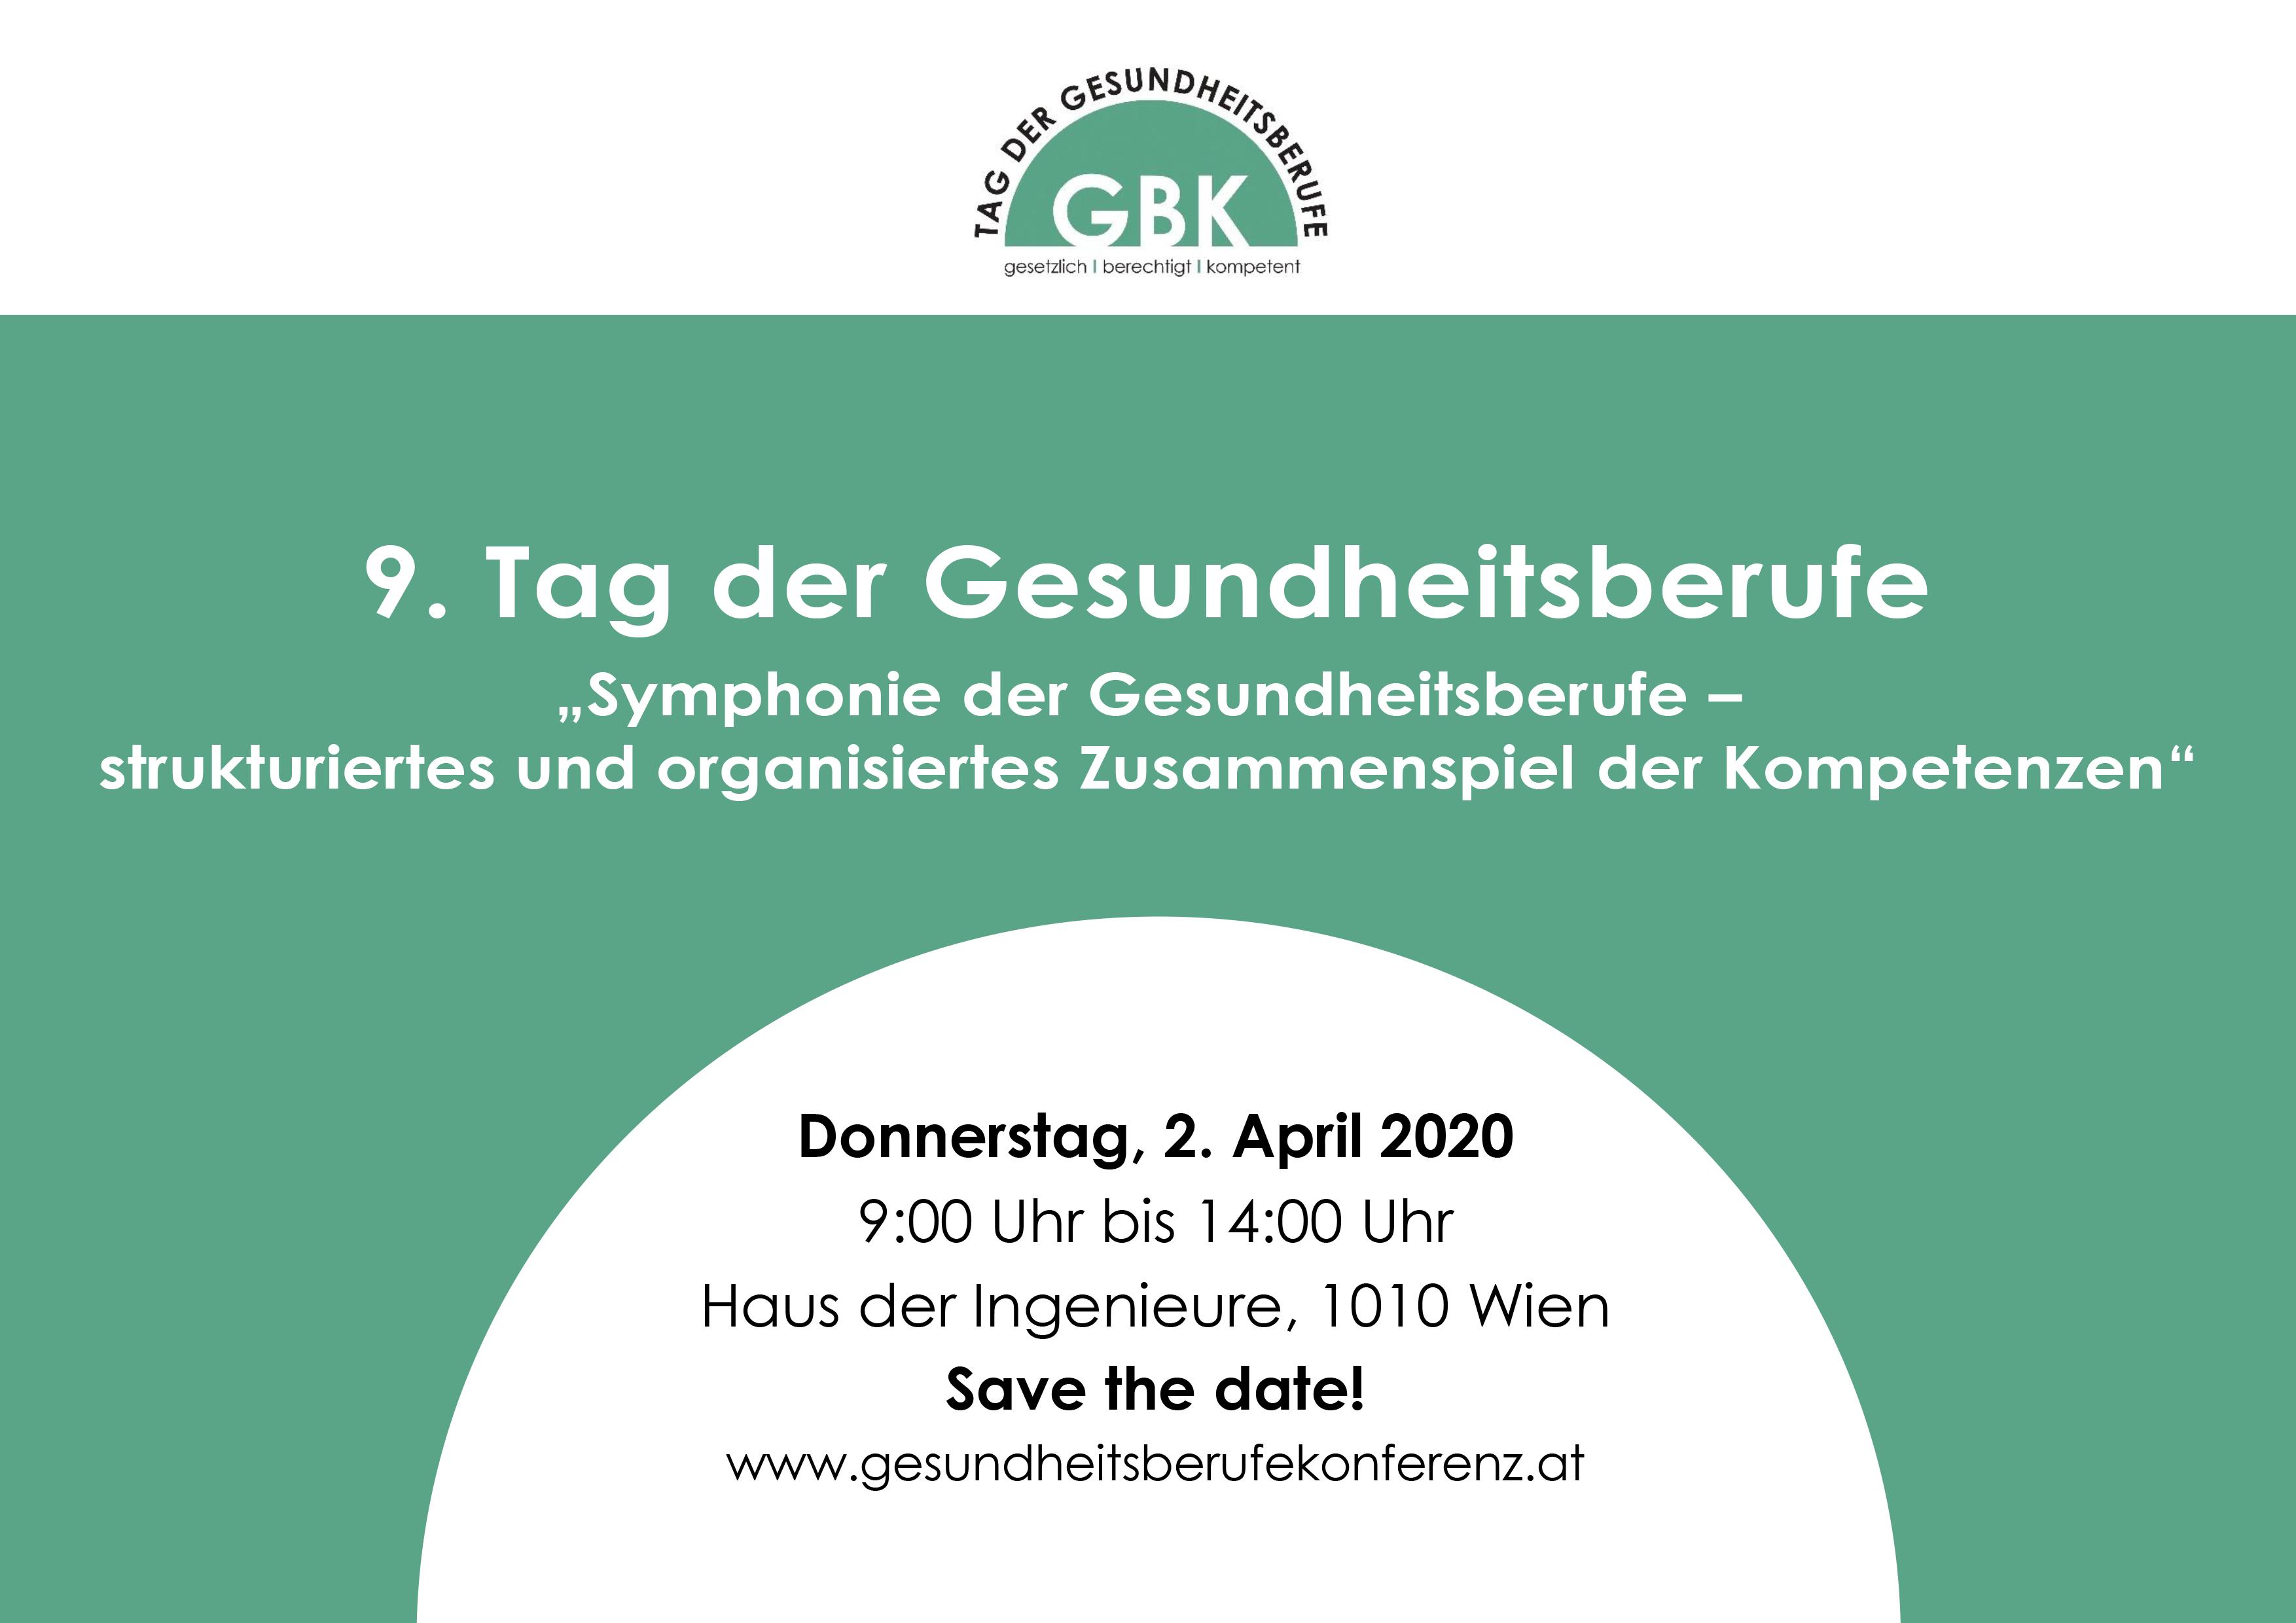 Gesundheitsberufekonferwenz 2020_Wien